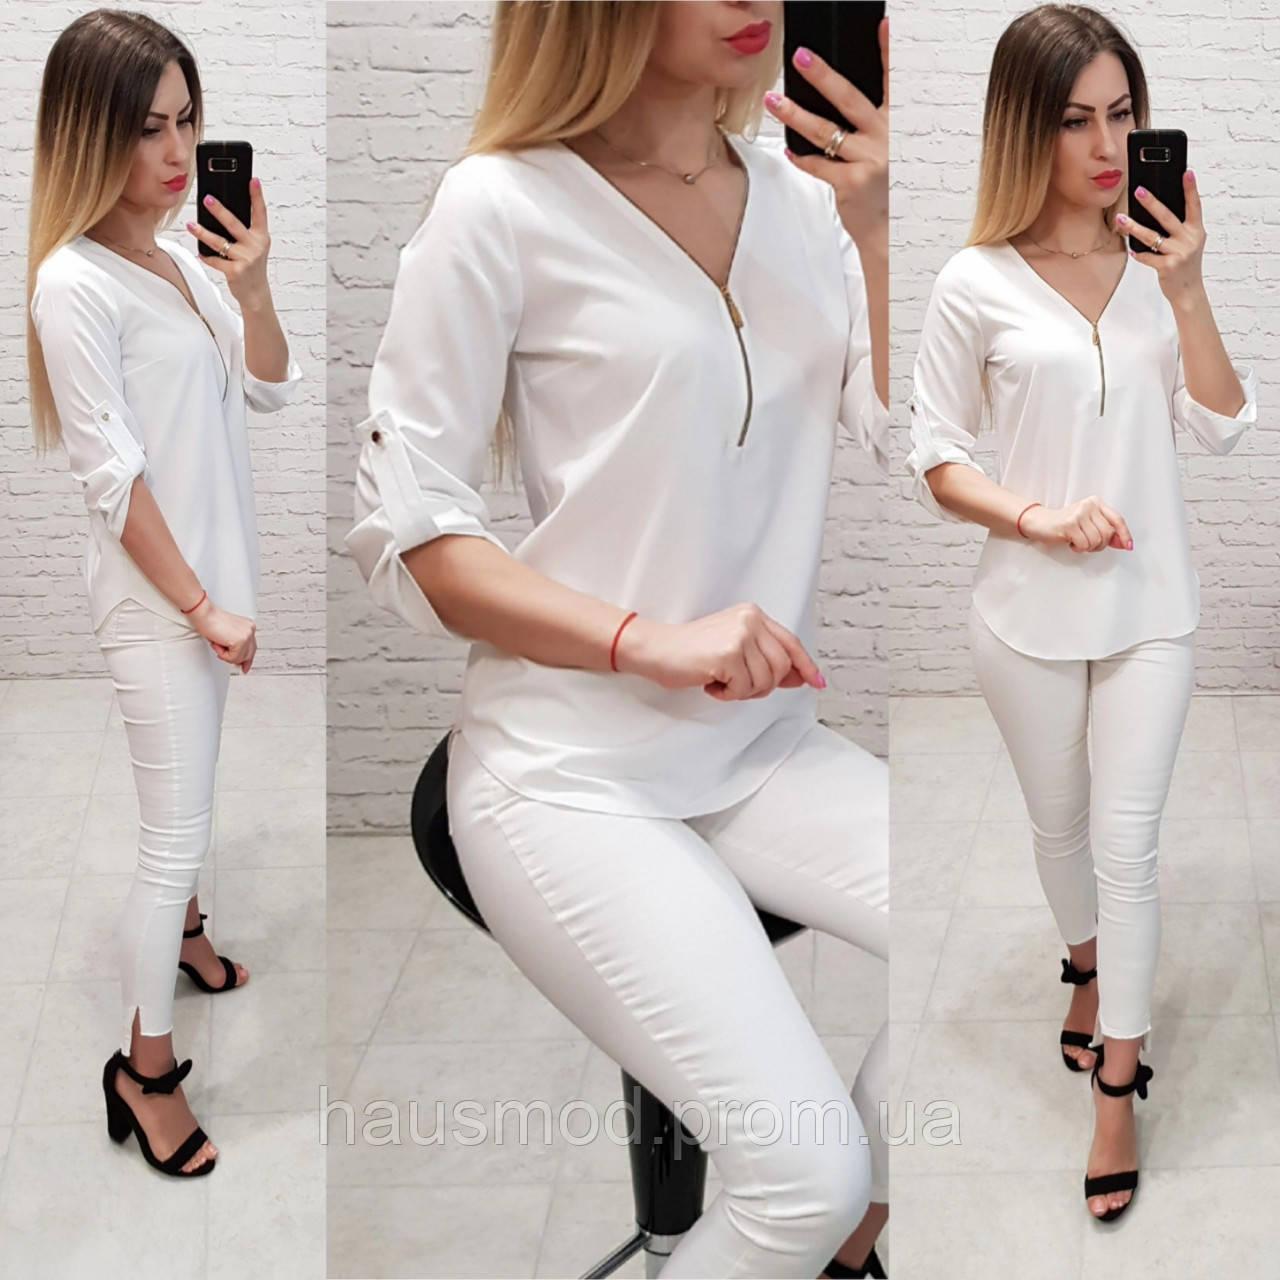 Женская блуза на молнии рукав 3/4 ткань софт цвет белый